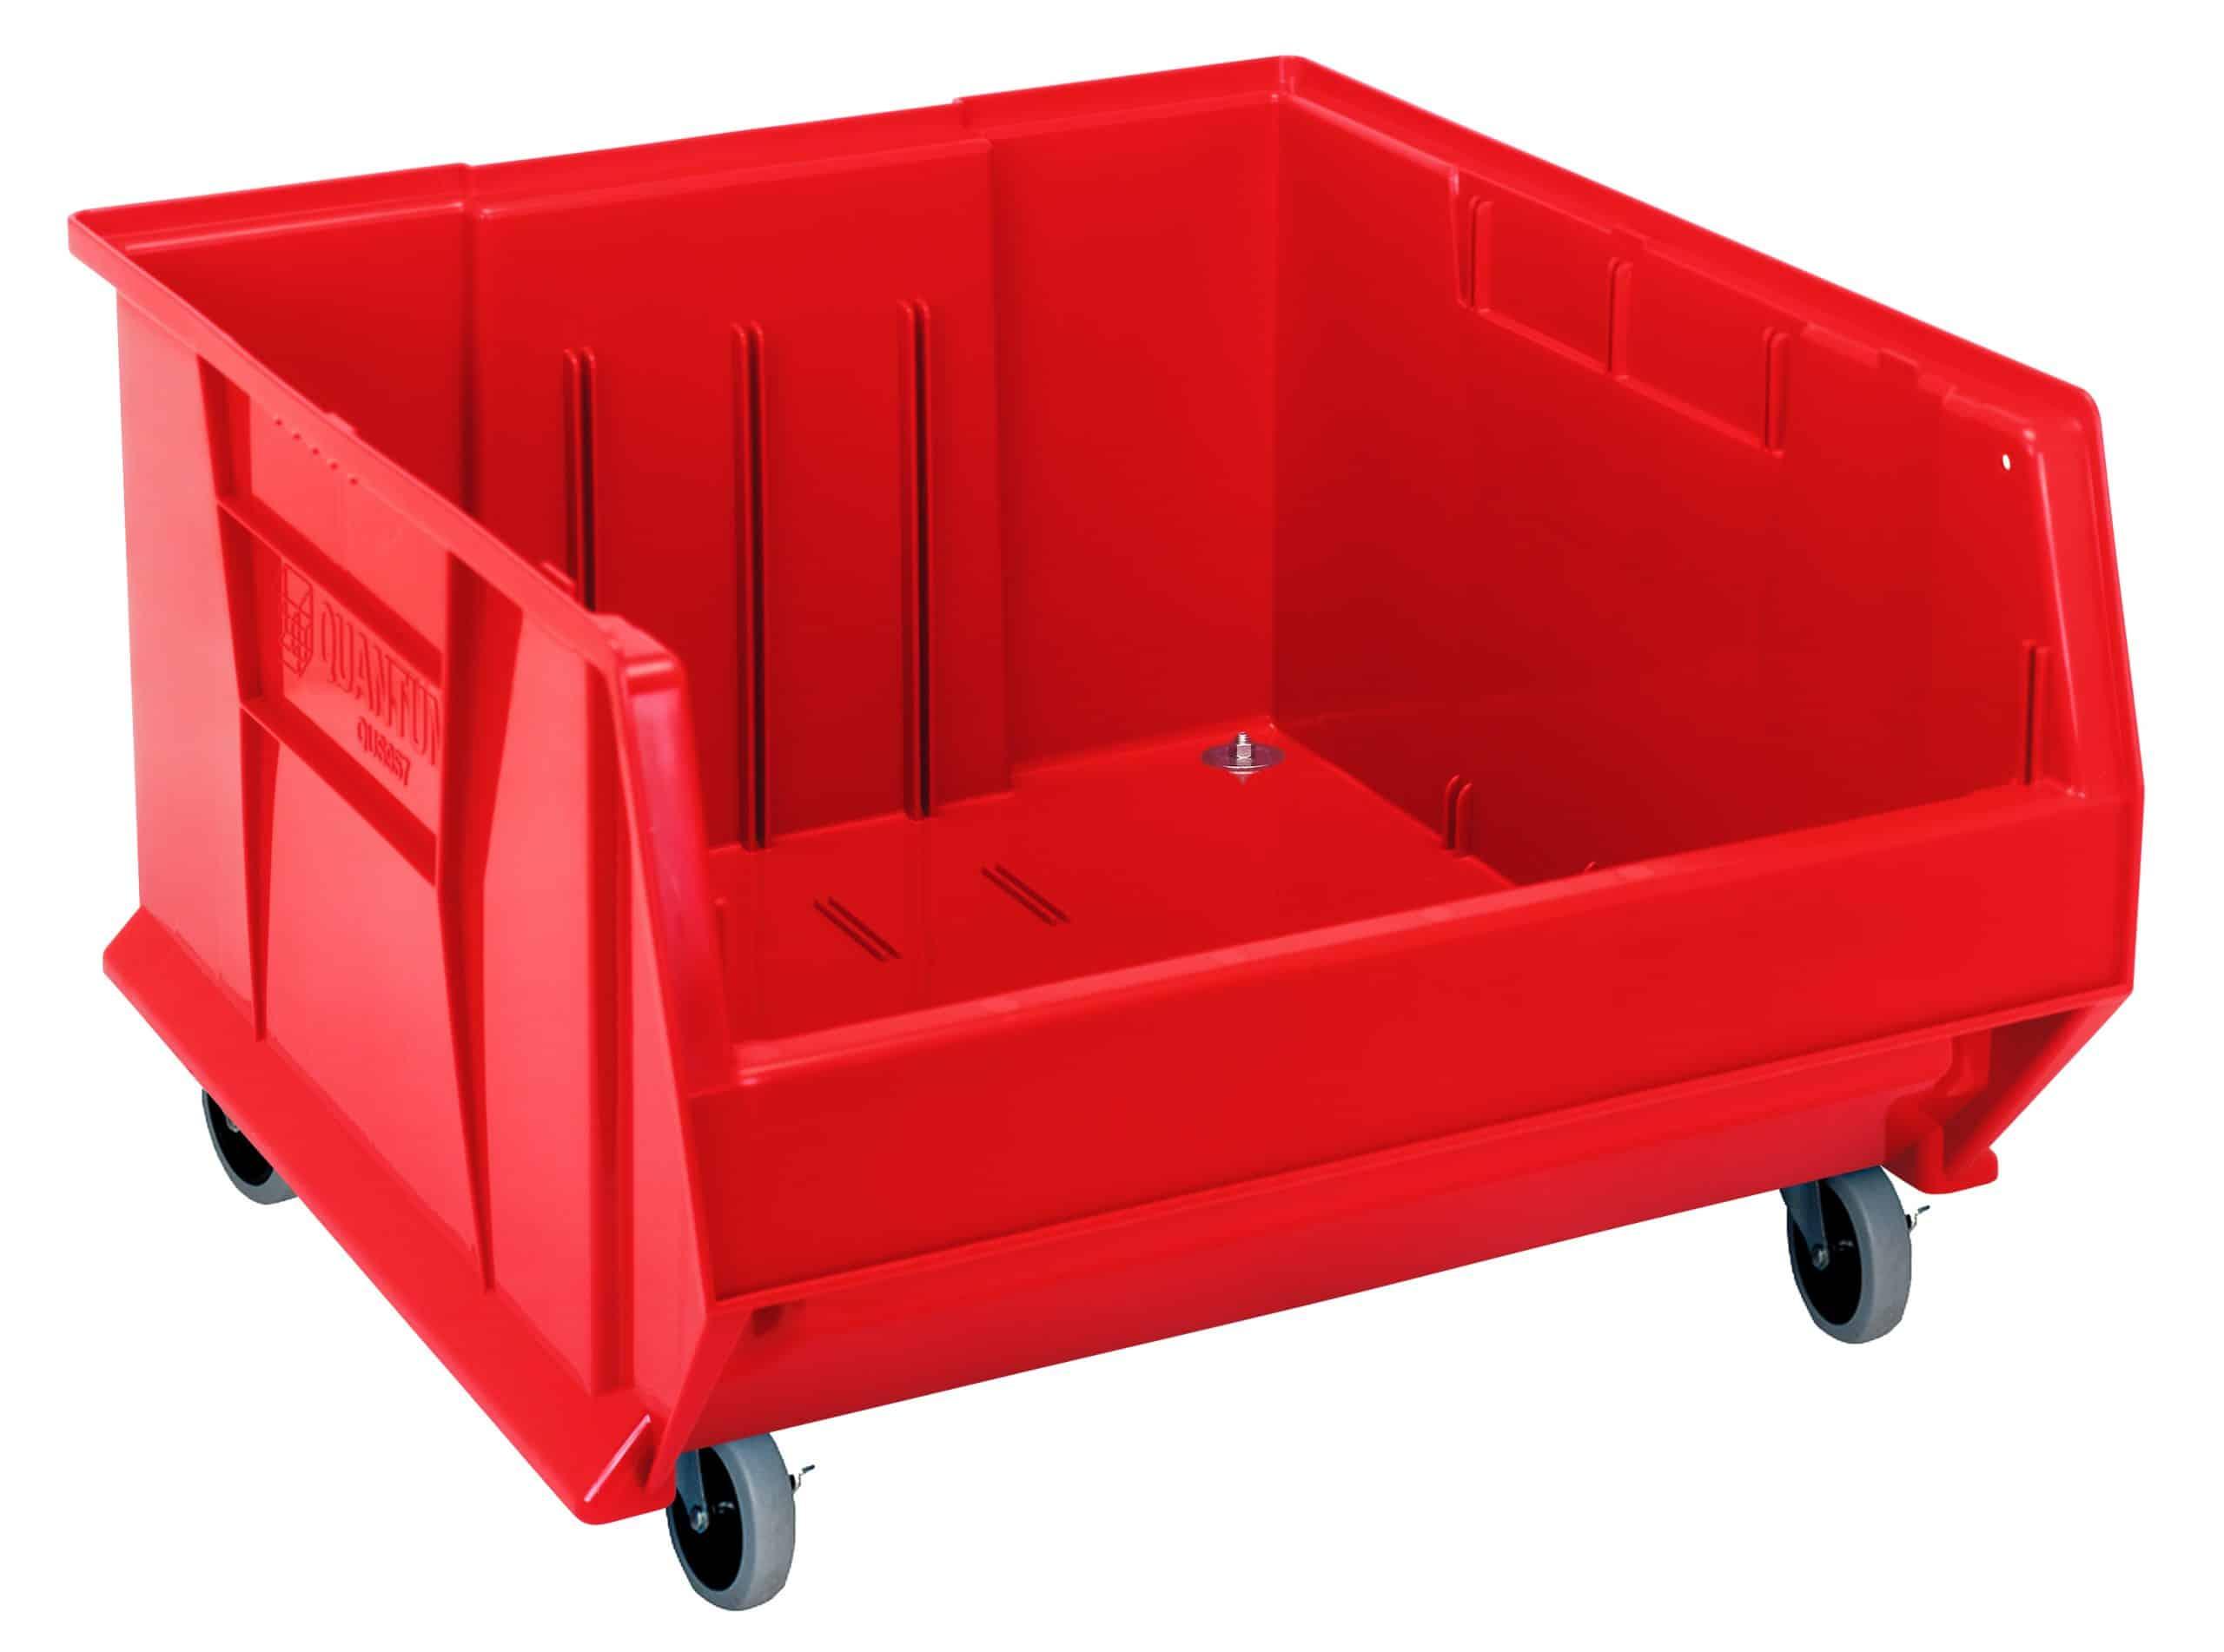 QUS957 Red